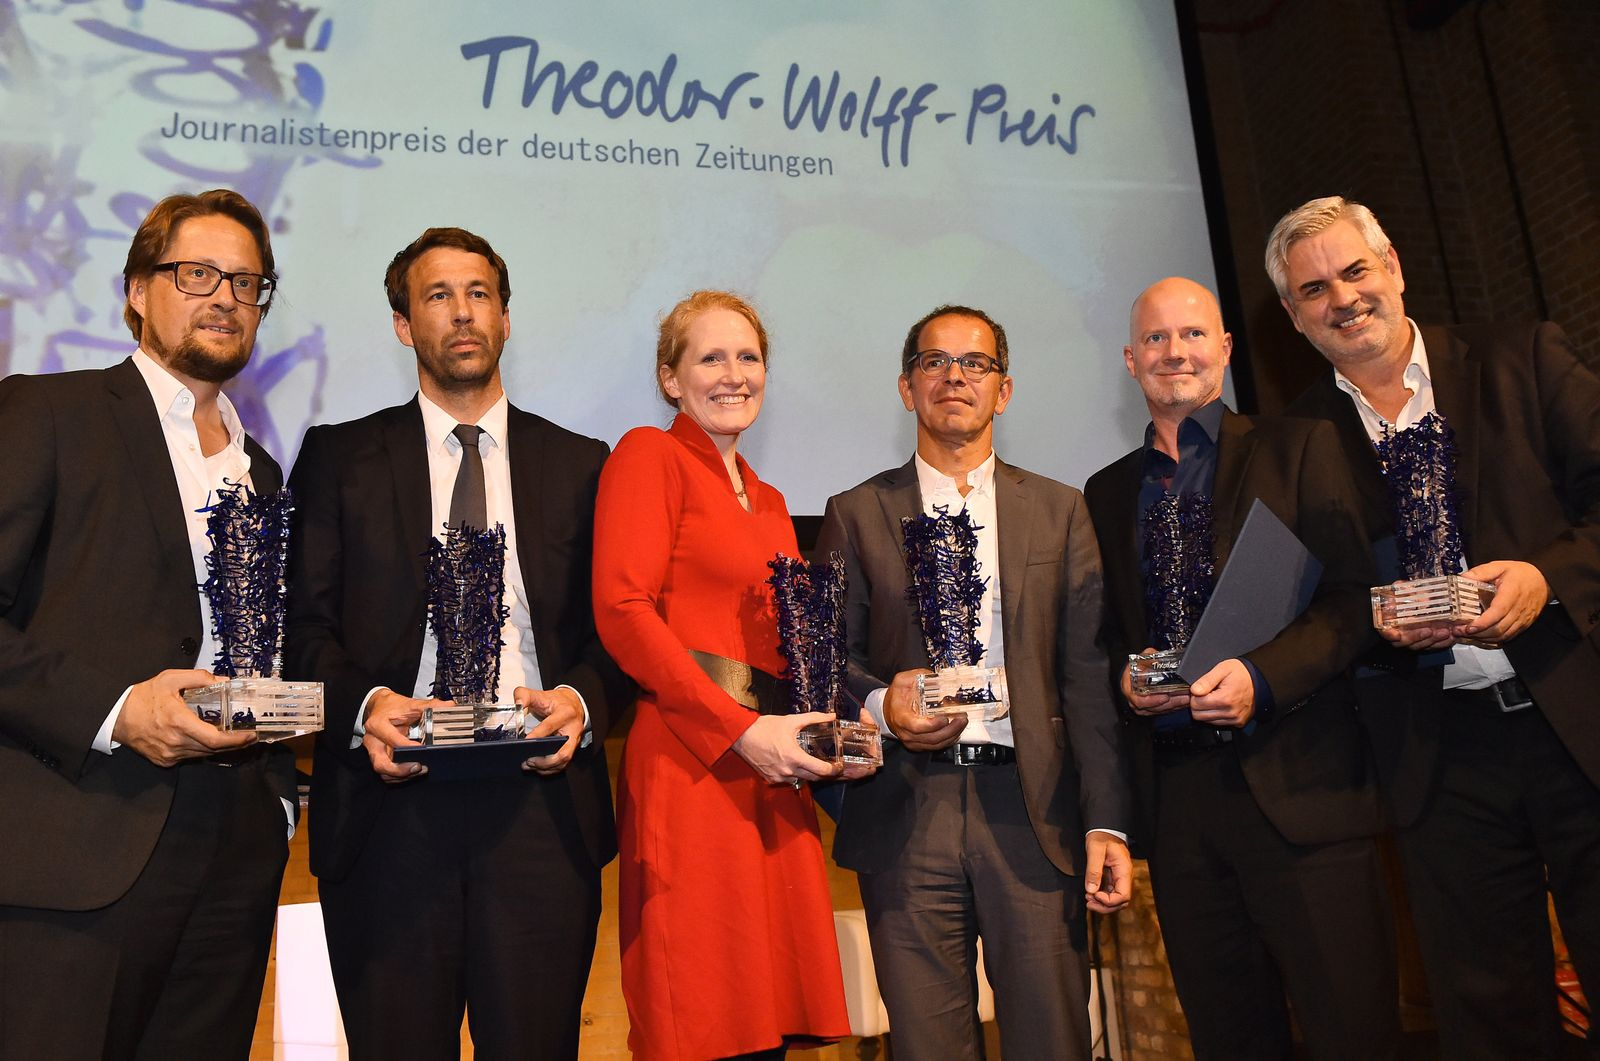 Journalistenpreis/ Theodor Wolff